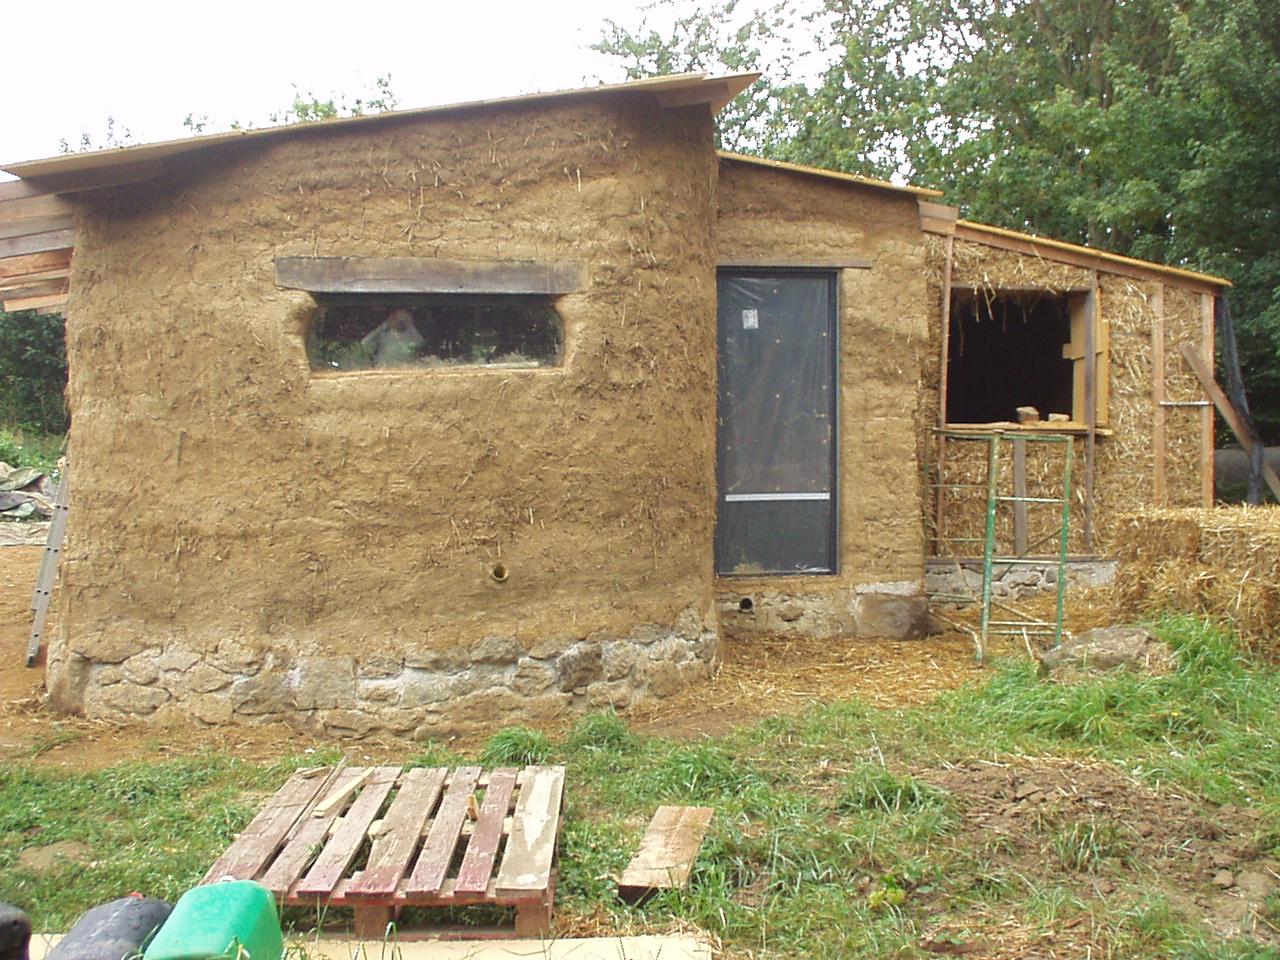 maison terre et paille un toit des murs en bauge presque finis. Black Bedroom Furniture Sets. Home Design Ideas